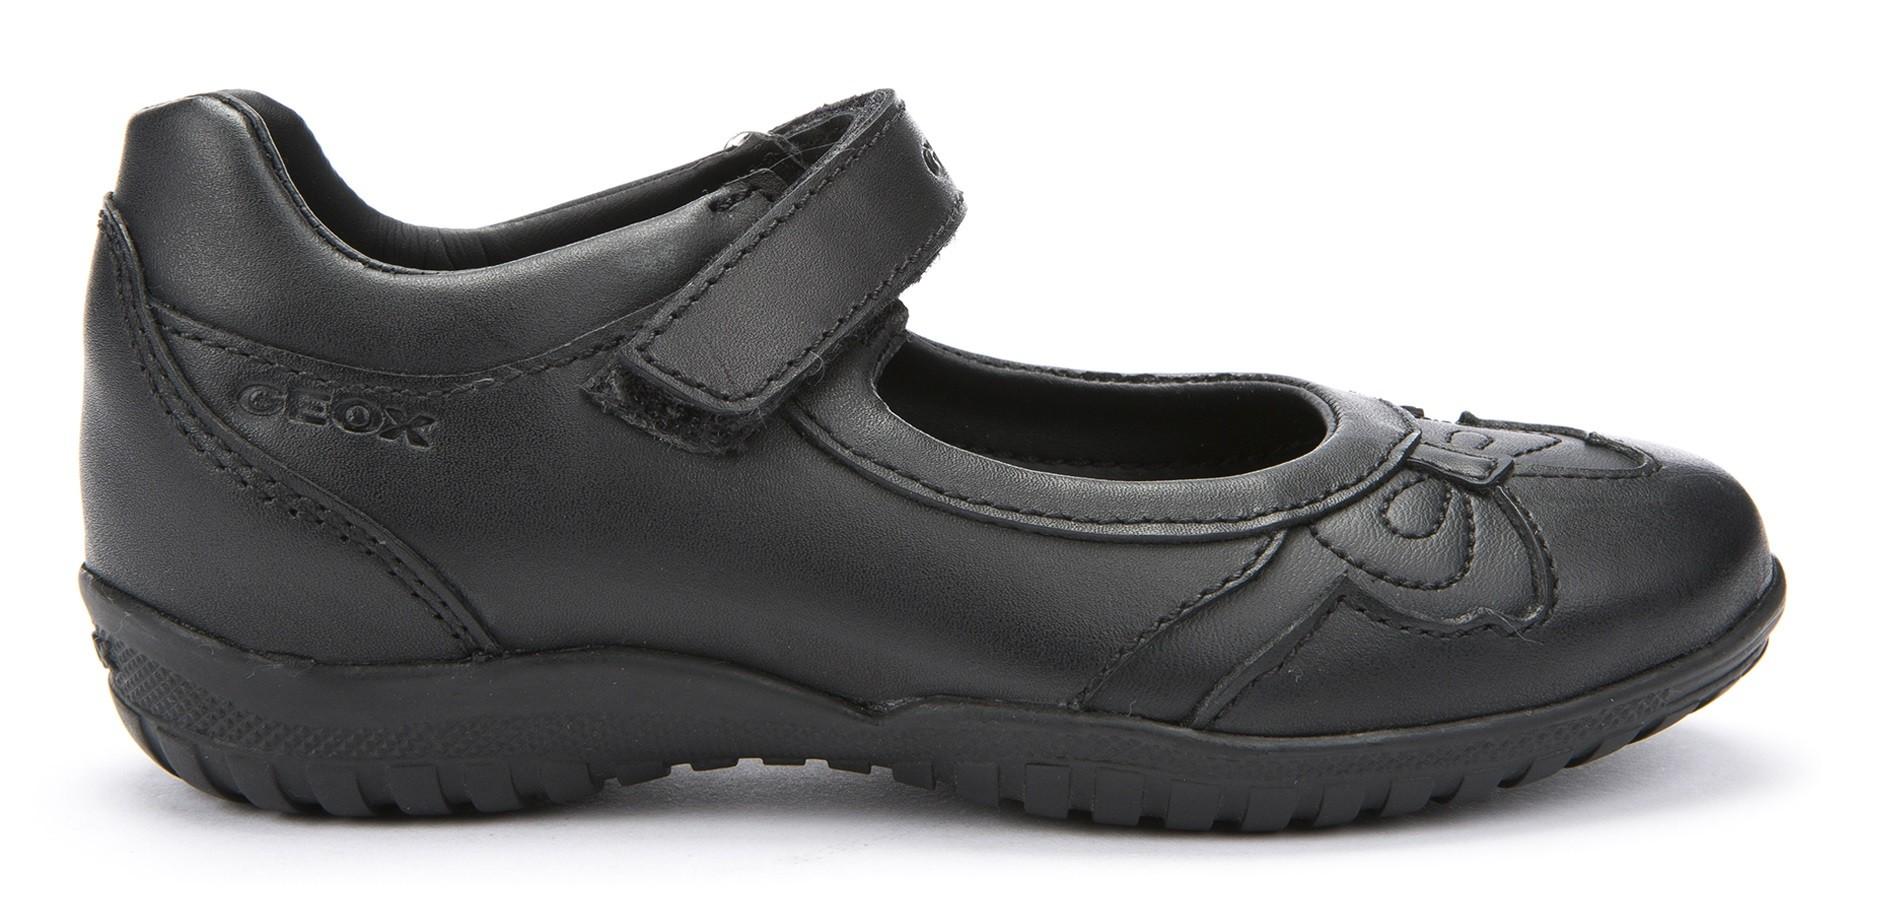 tolle Passform Rabatt zum Verkauf offizieller Shop Geox Shadow Black Girls School Shoes - Little Wanderers